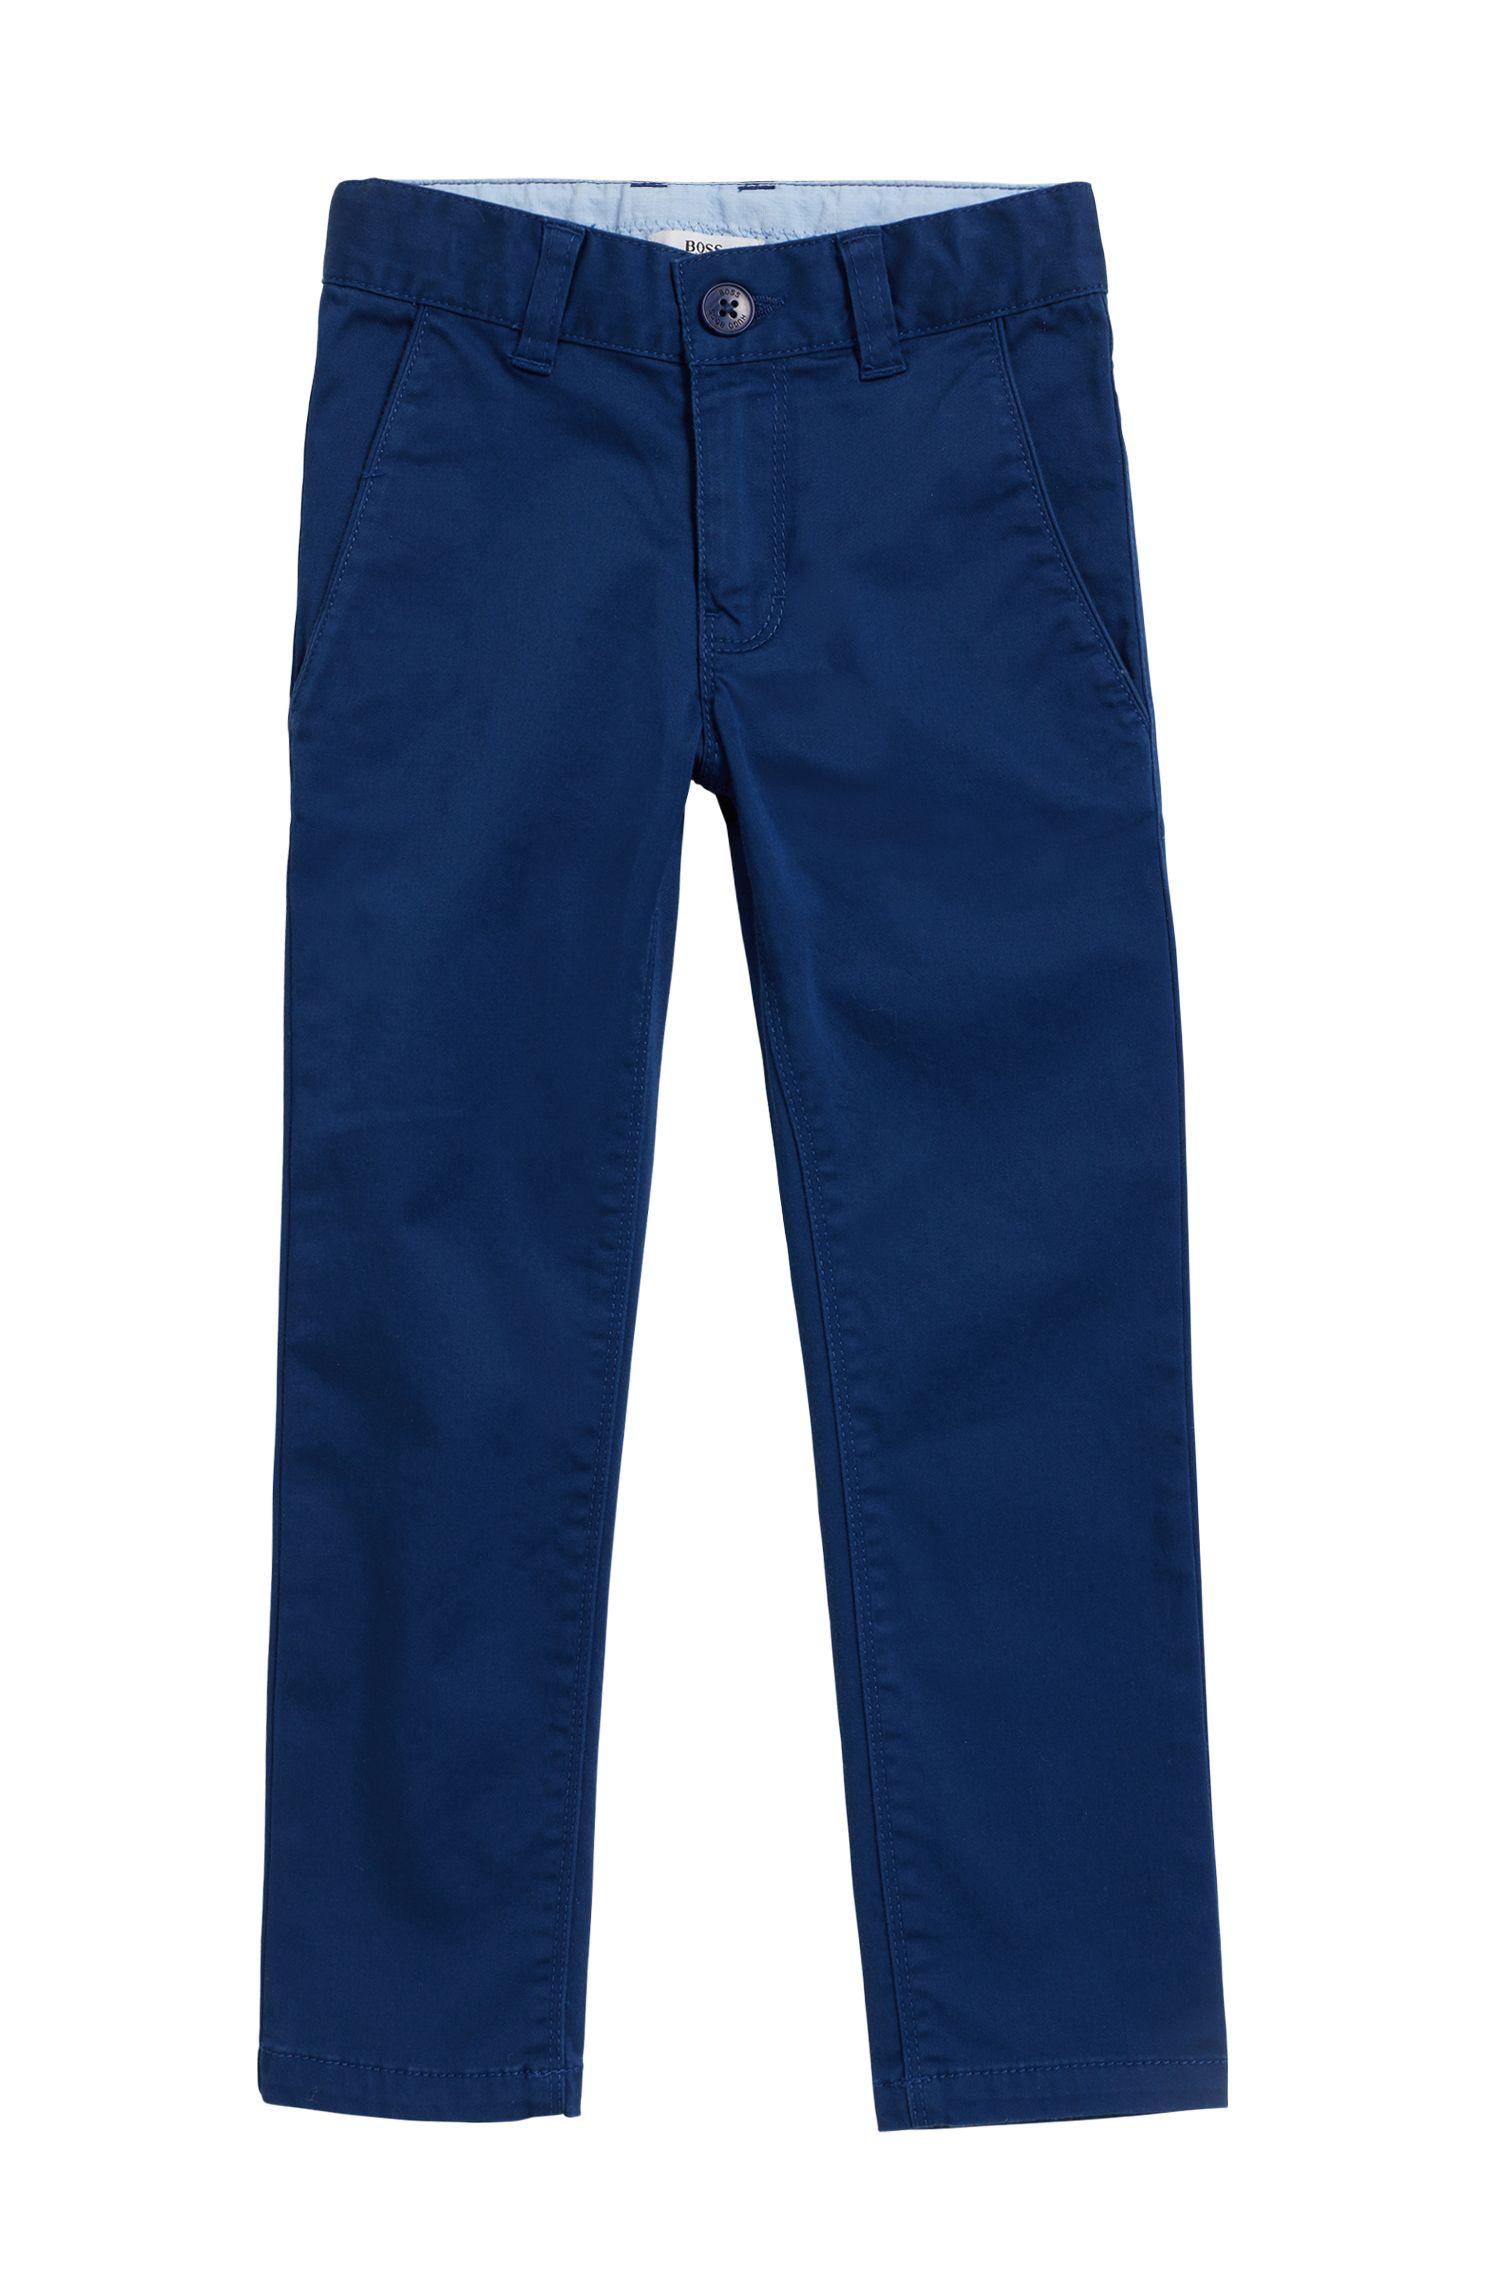 Pantalones de traje para niños en algodón satinado elástico, Azul oscuro